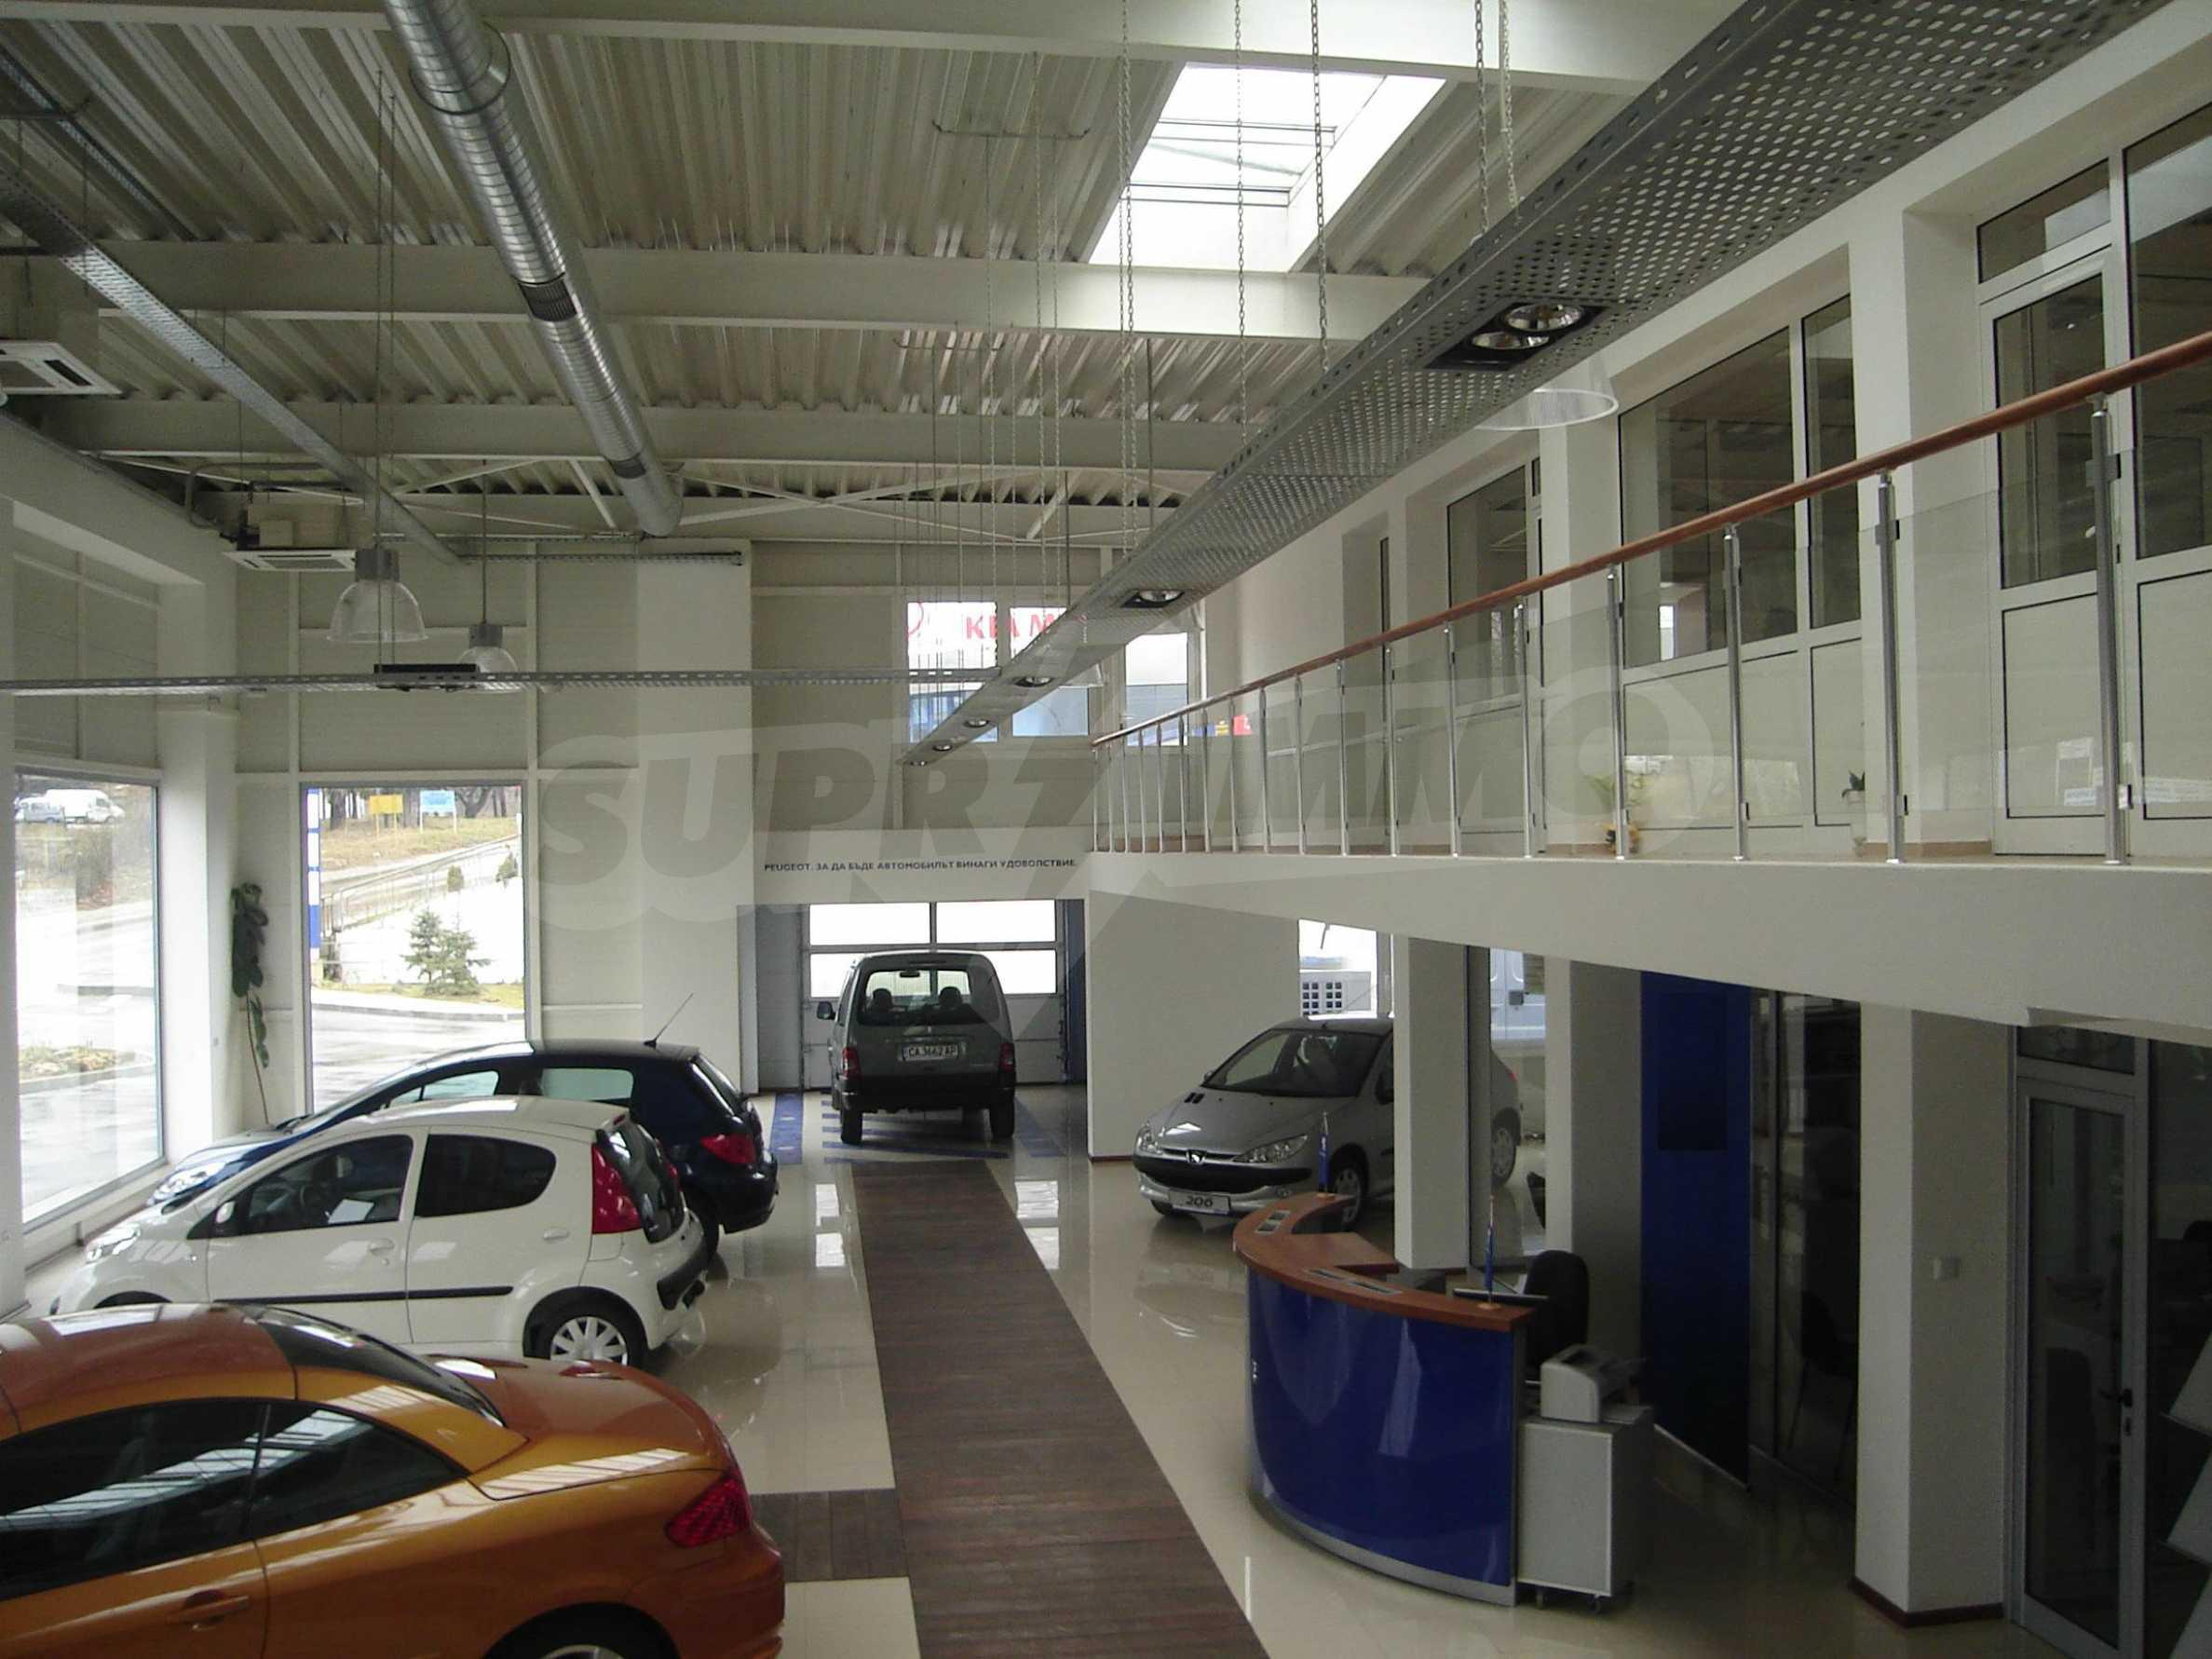 Gewerbe- und Dienstleistungskomplex im Stadtteil Mladost 8